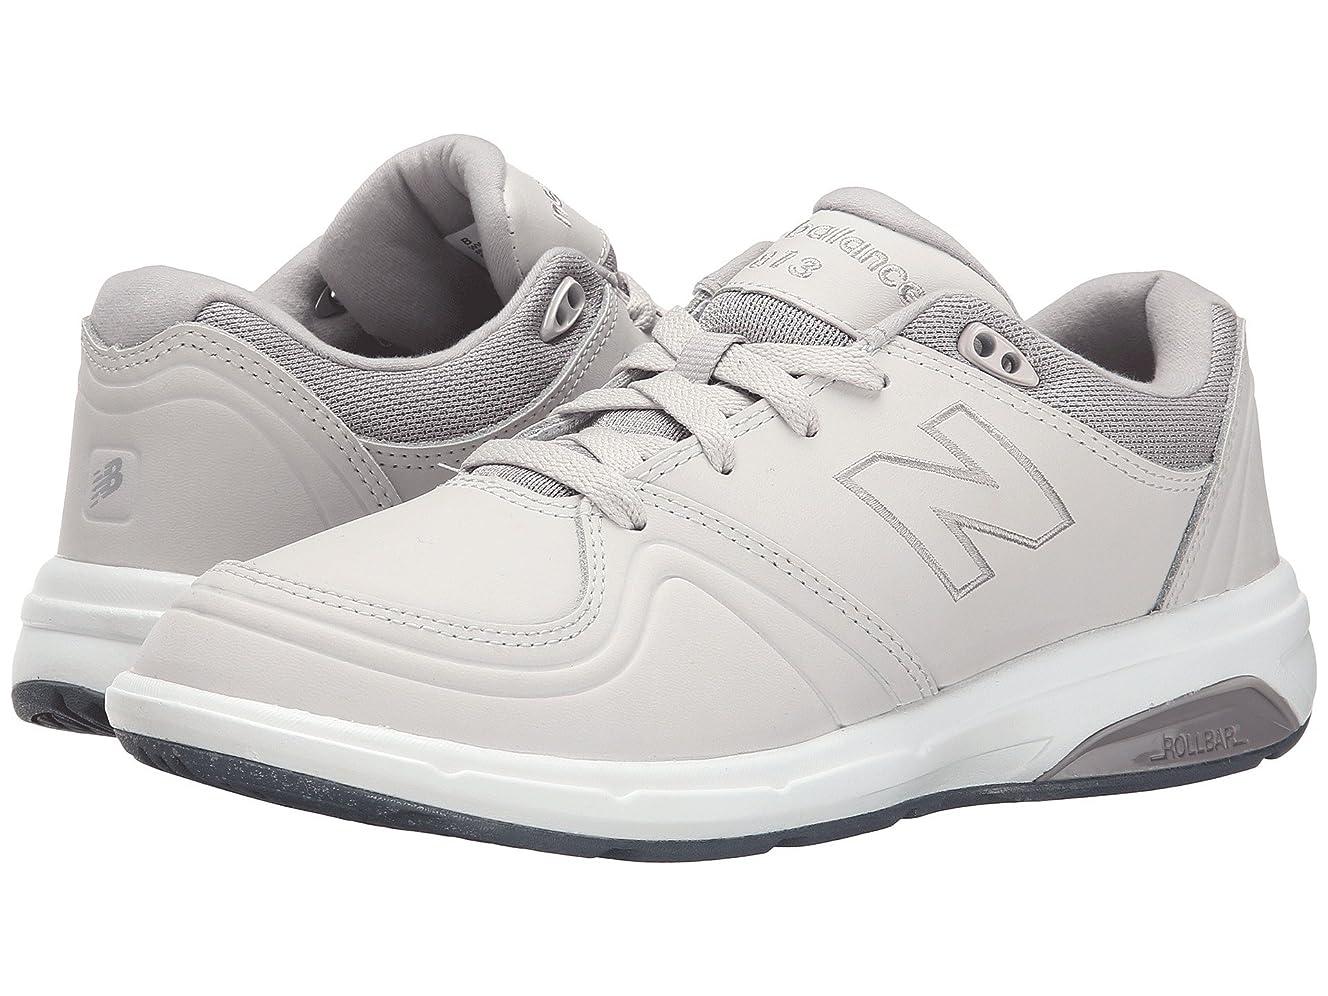 からかう意味するアノイレディースウォーキングシューズ?靴 WW813 Grey 1 6 (23cm) B - Medium [並行輸入品]